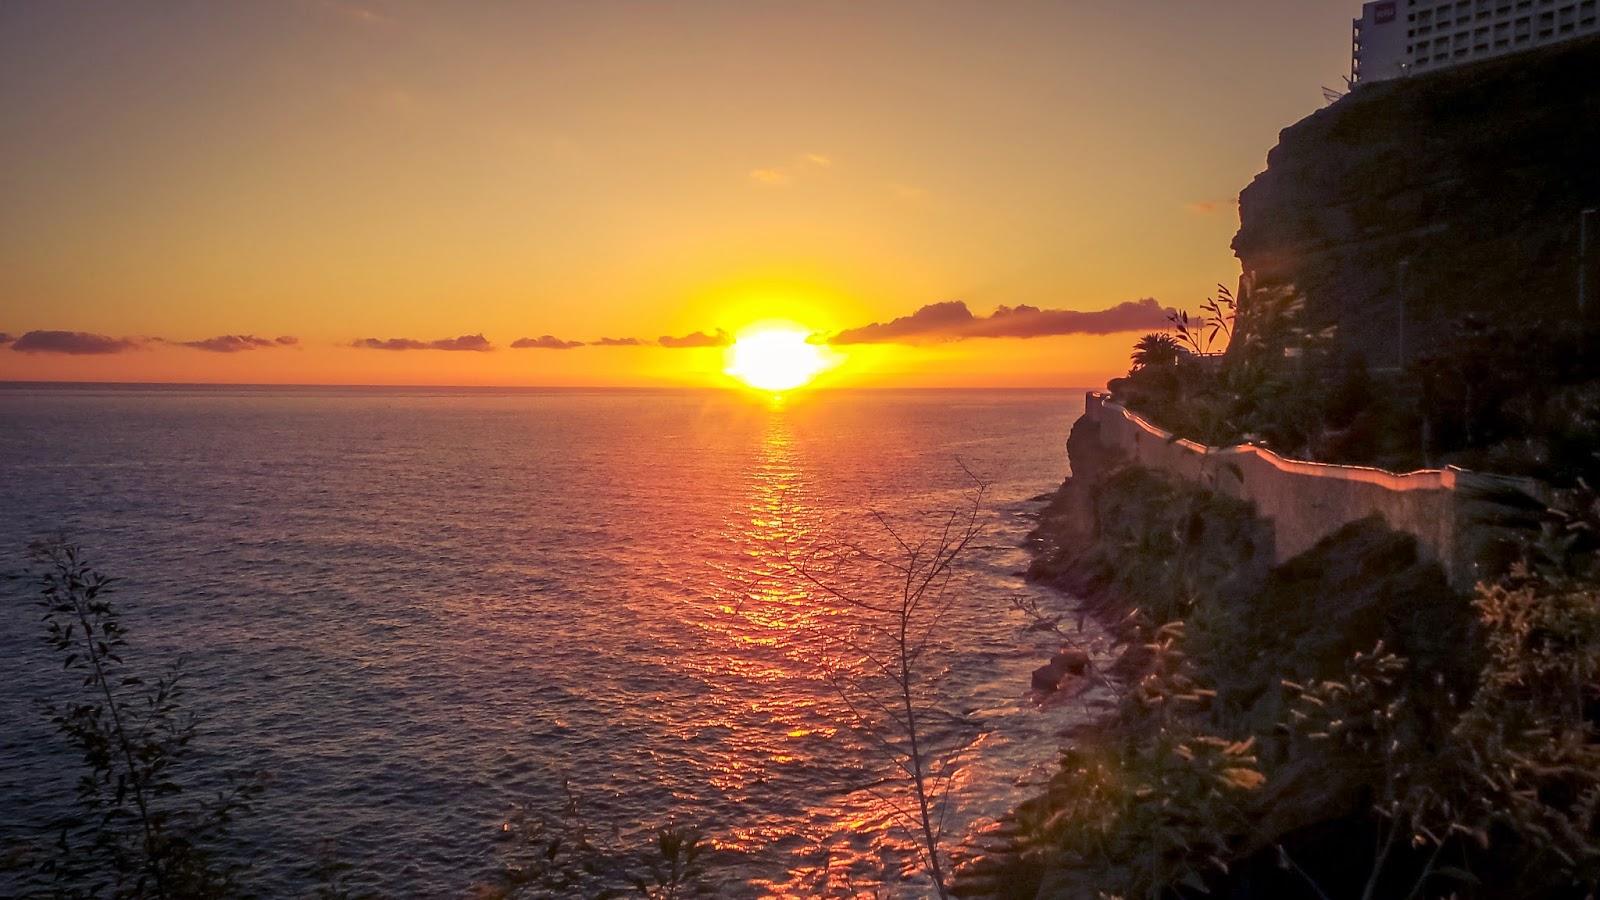 sunset in gran canaria